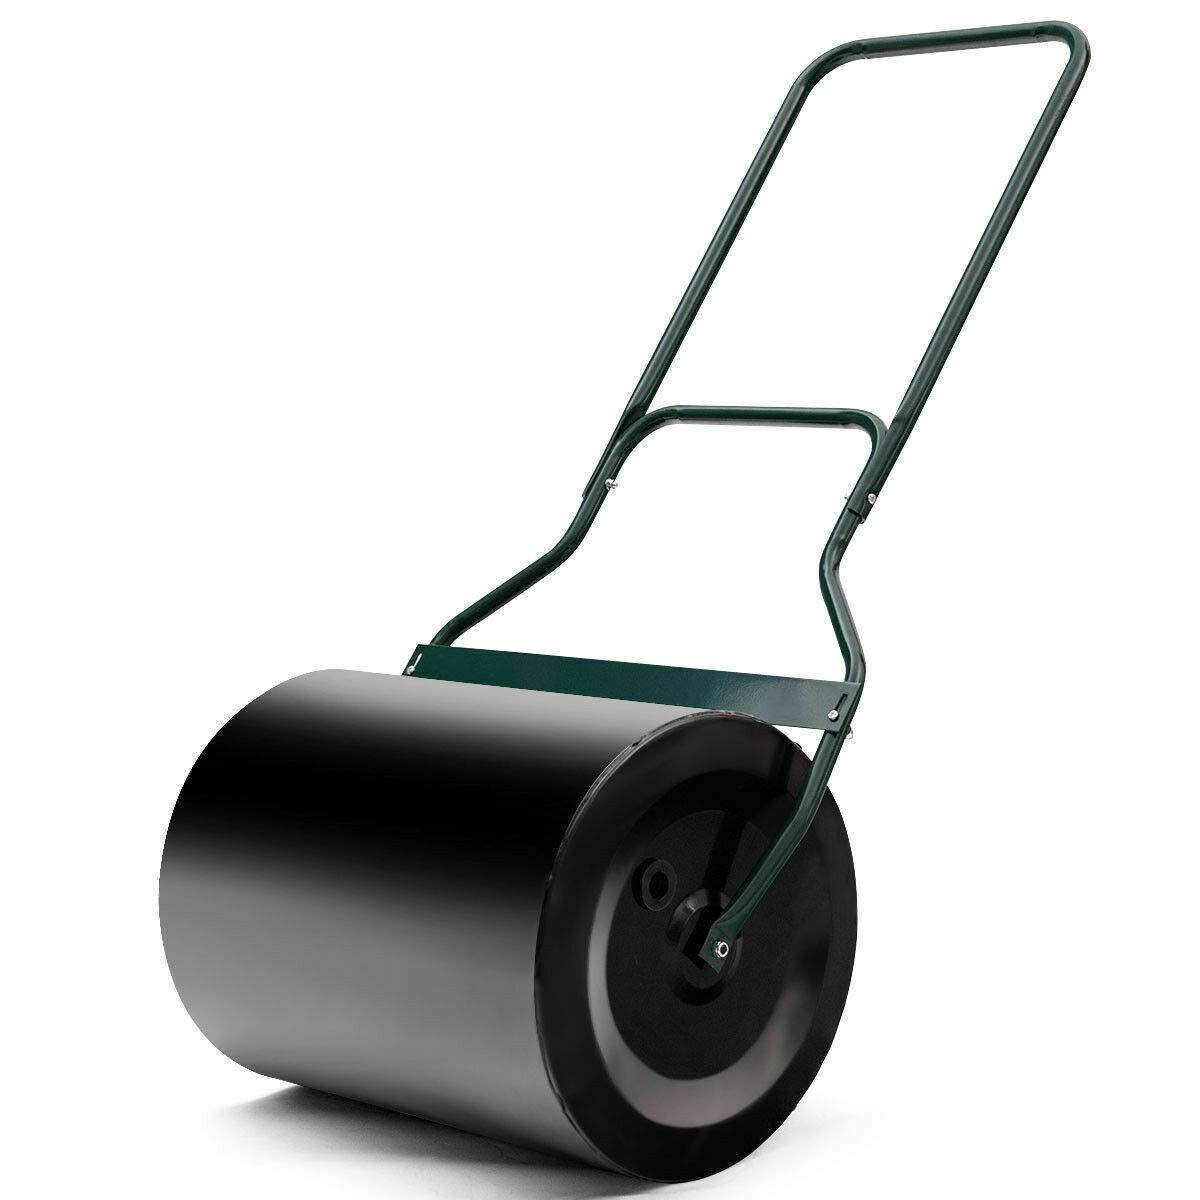 NanaPluz Tow Lawn Garden Roller Poly Push 16''x 19.5'' with Ebook